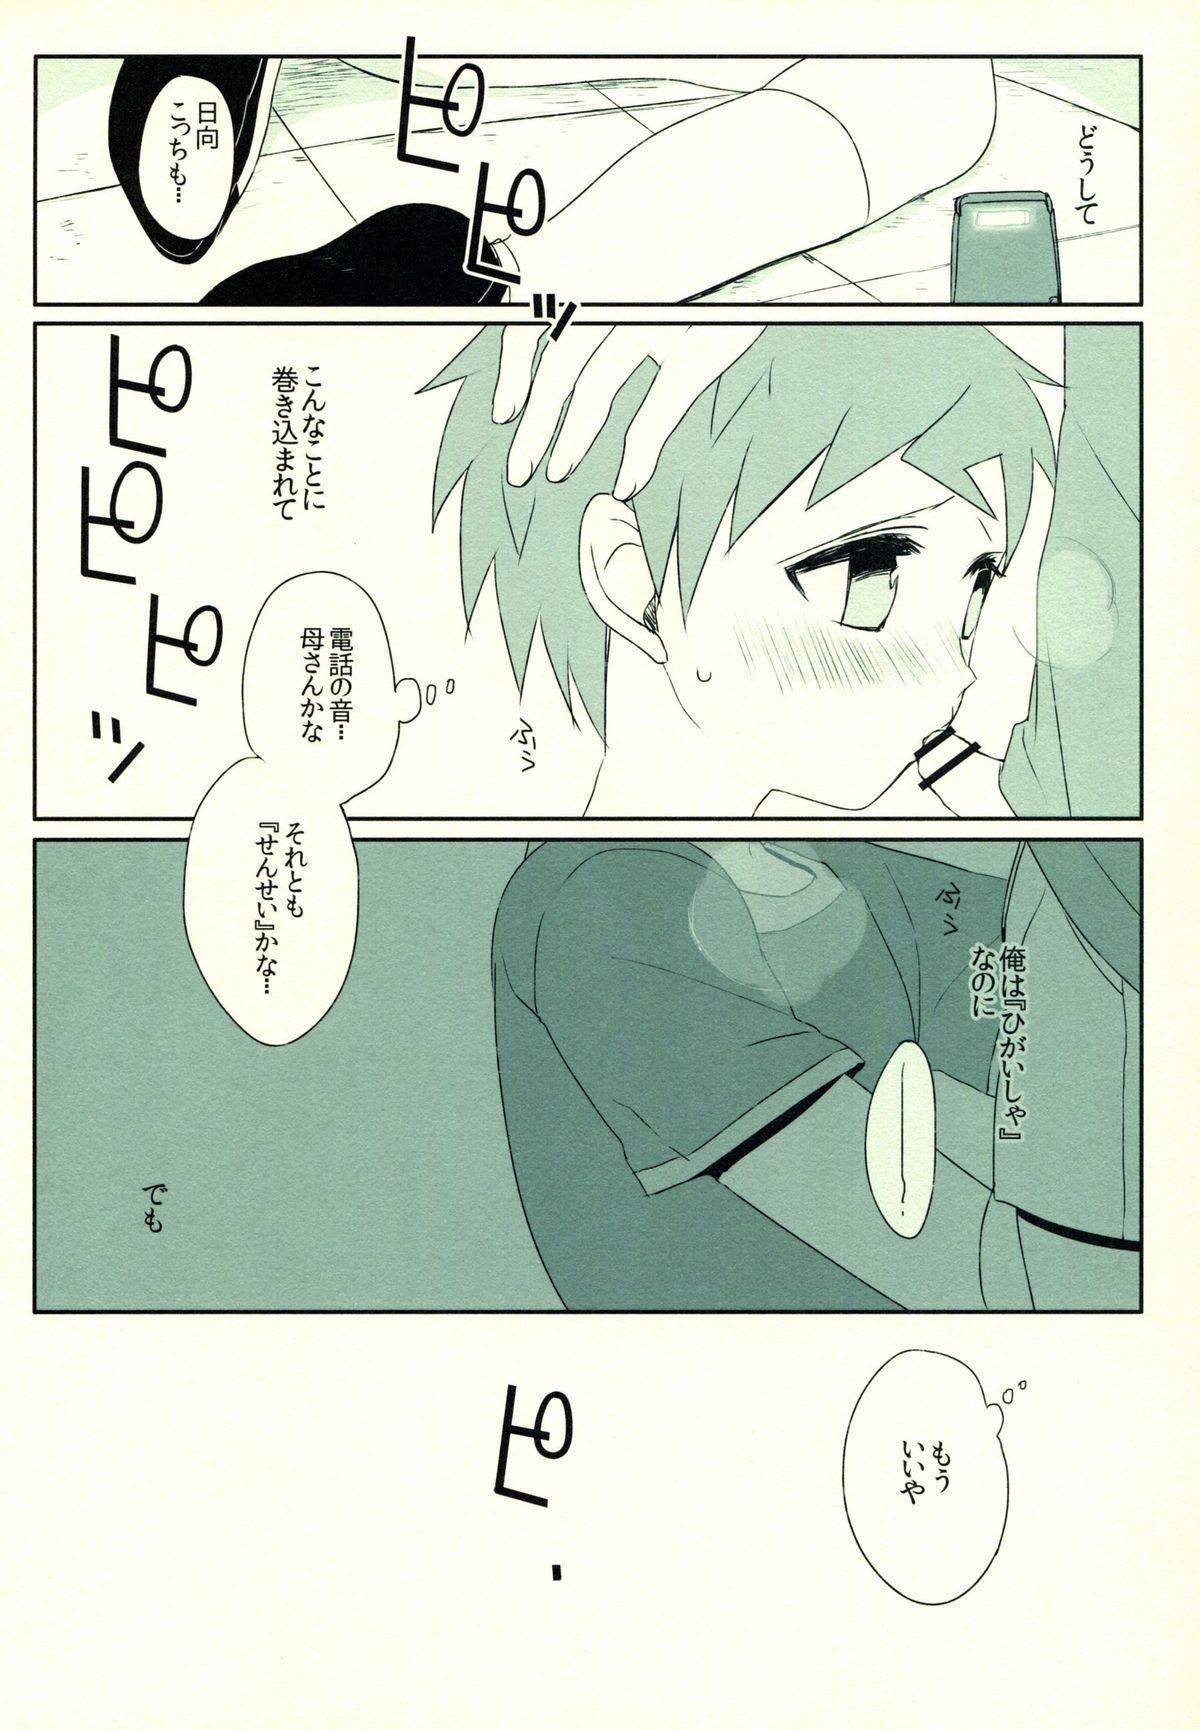 Hinata Hajime no Himitsu no Jikan 28